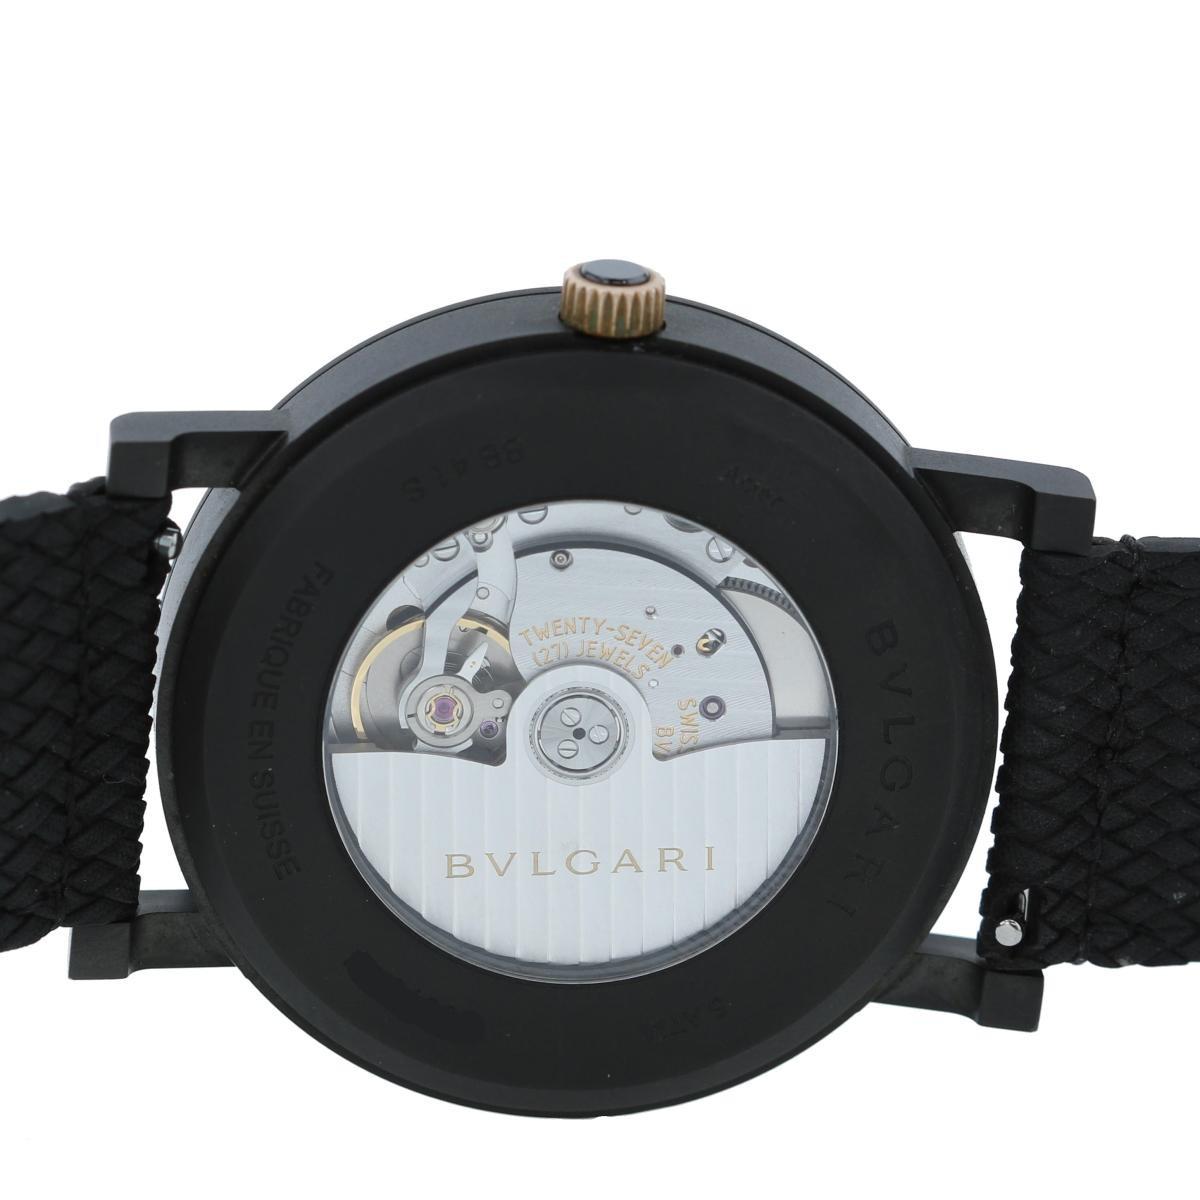 【お値下げ品】【中古】 BVLGARI (ブルガリ) ブルガリブルガリソロテンポ 時計 自動巻き/メンズ ブルガリブルガリ Black BB41BBCLD used:A